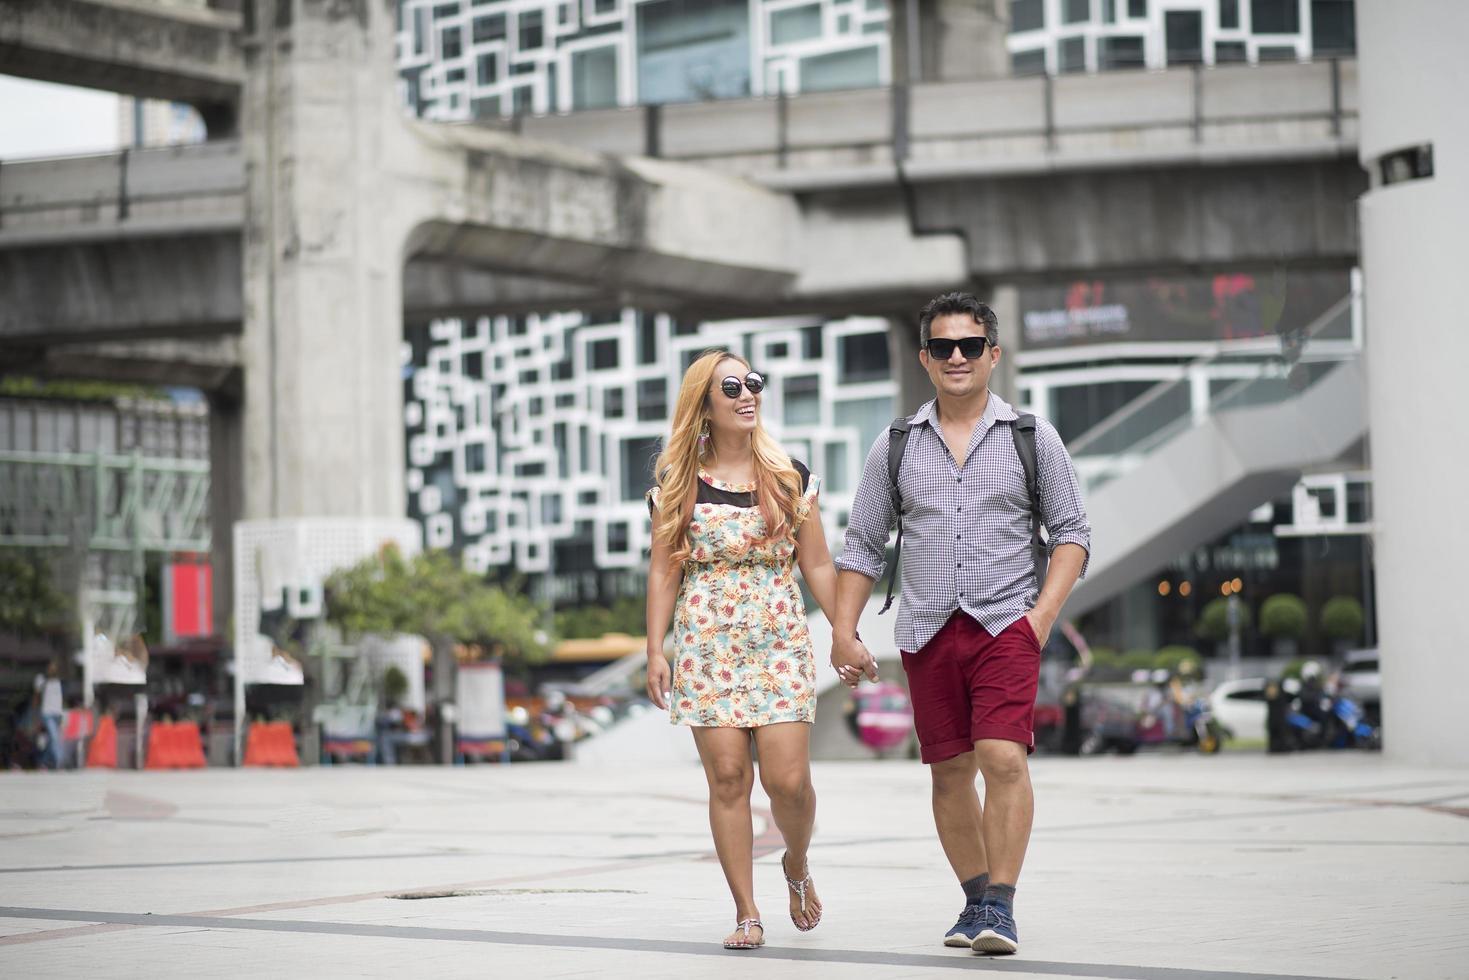 coppia felice innamorato che cammina in strada foto